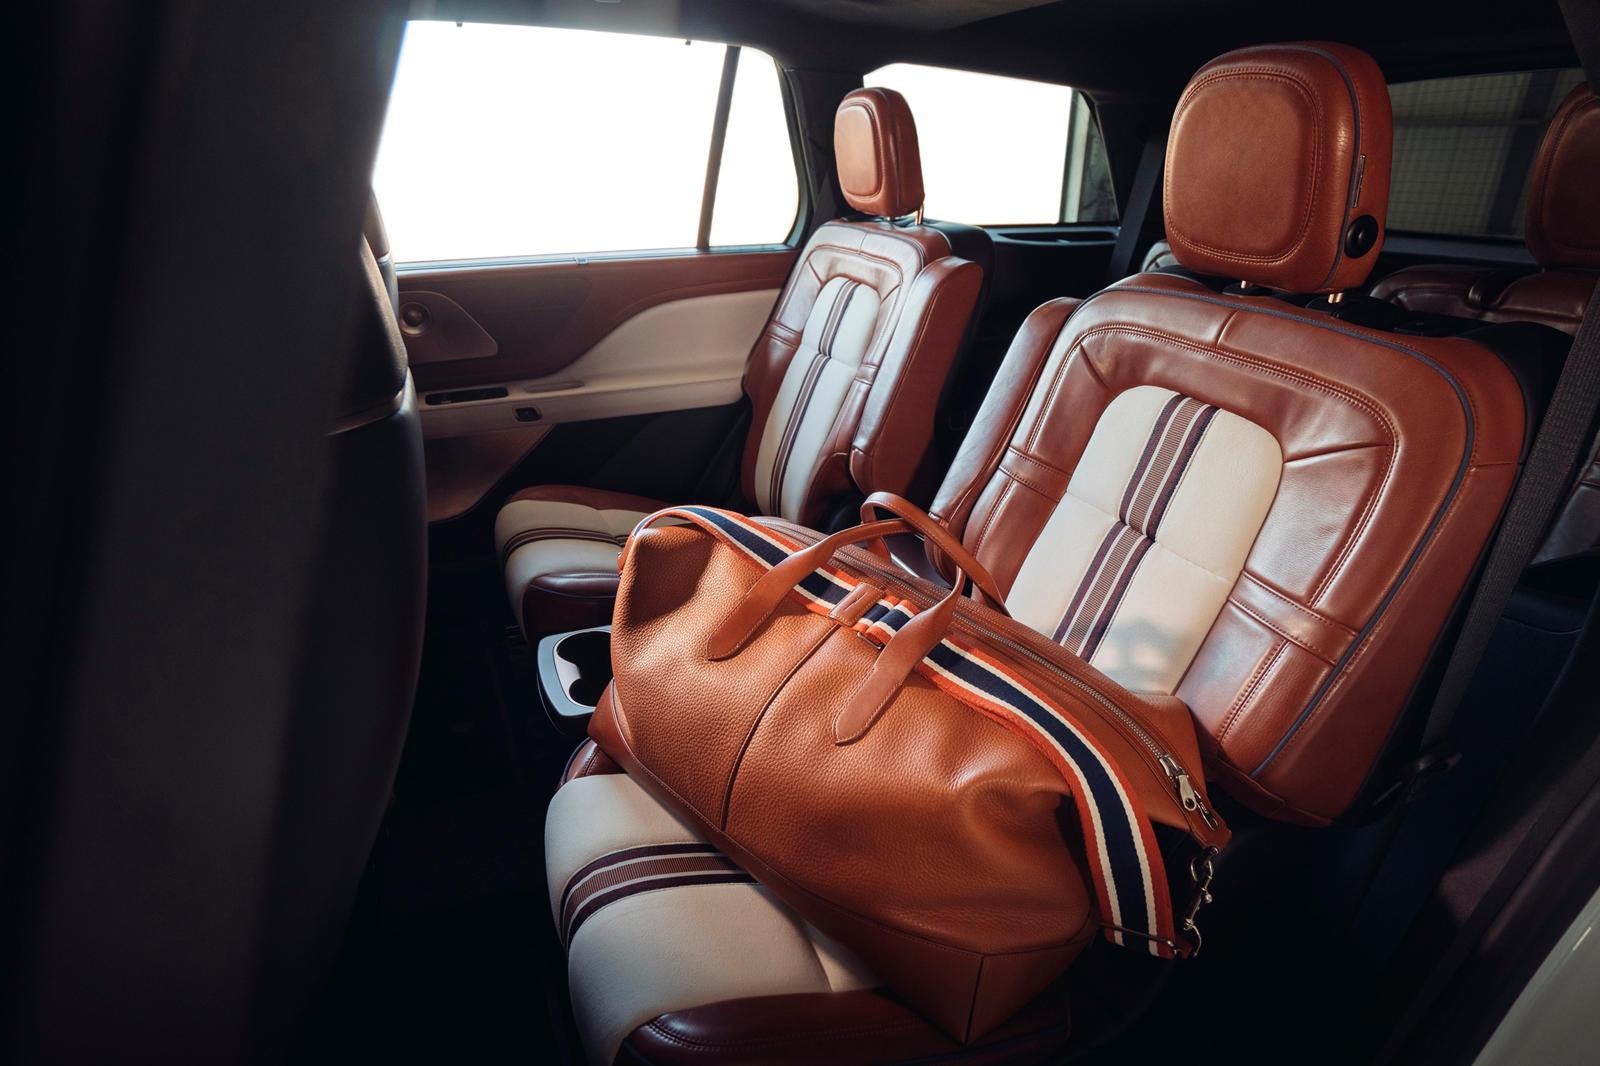 Lincoln объединился с Shinola для создания новой роскошной концепции. Основанный на Lincoln Aviator, концепт был создан в результате сотрудничества двух компаний с целью «изучения того, как может выглядеть концепт Aviator» с помощью реплик Shinola. К